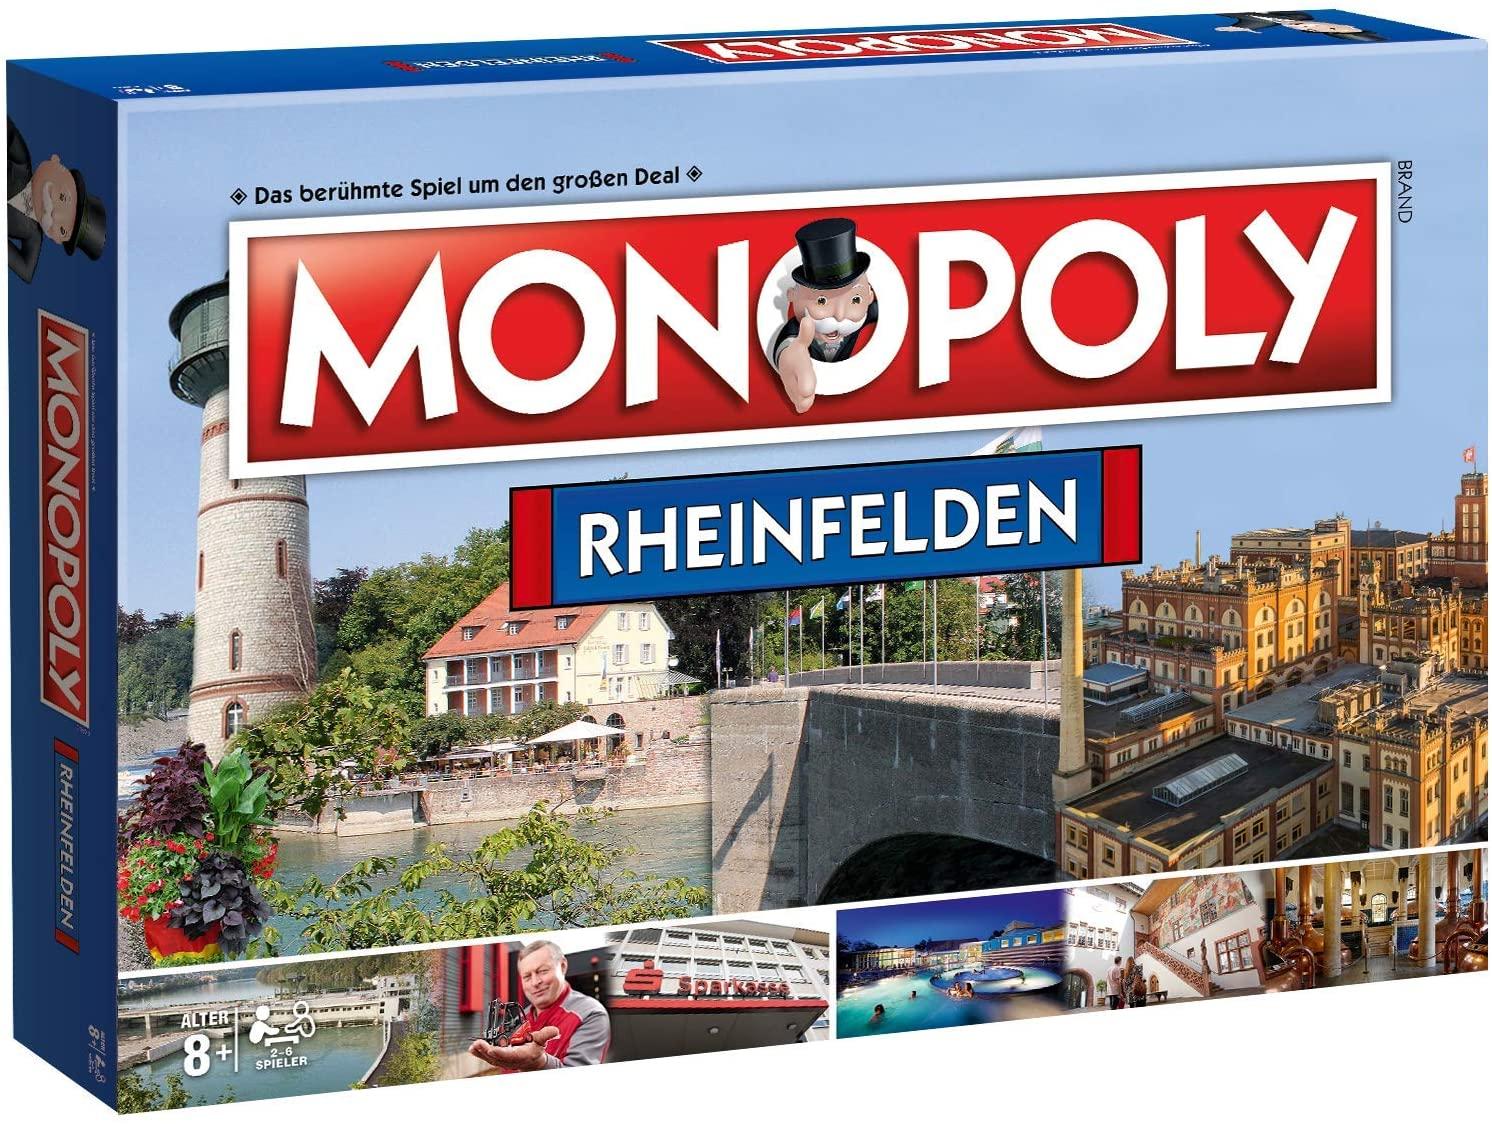 Monopoly Rheinfelden